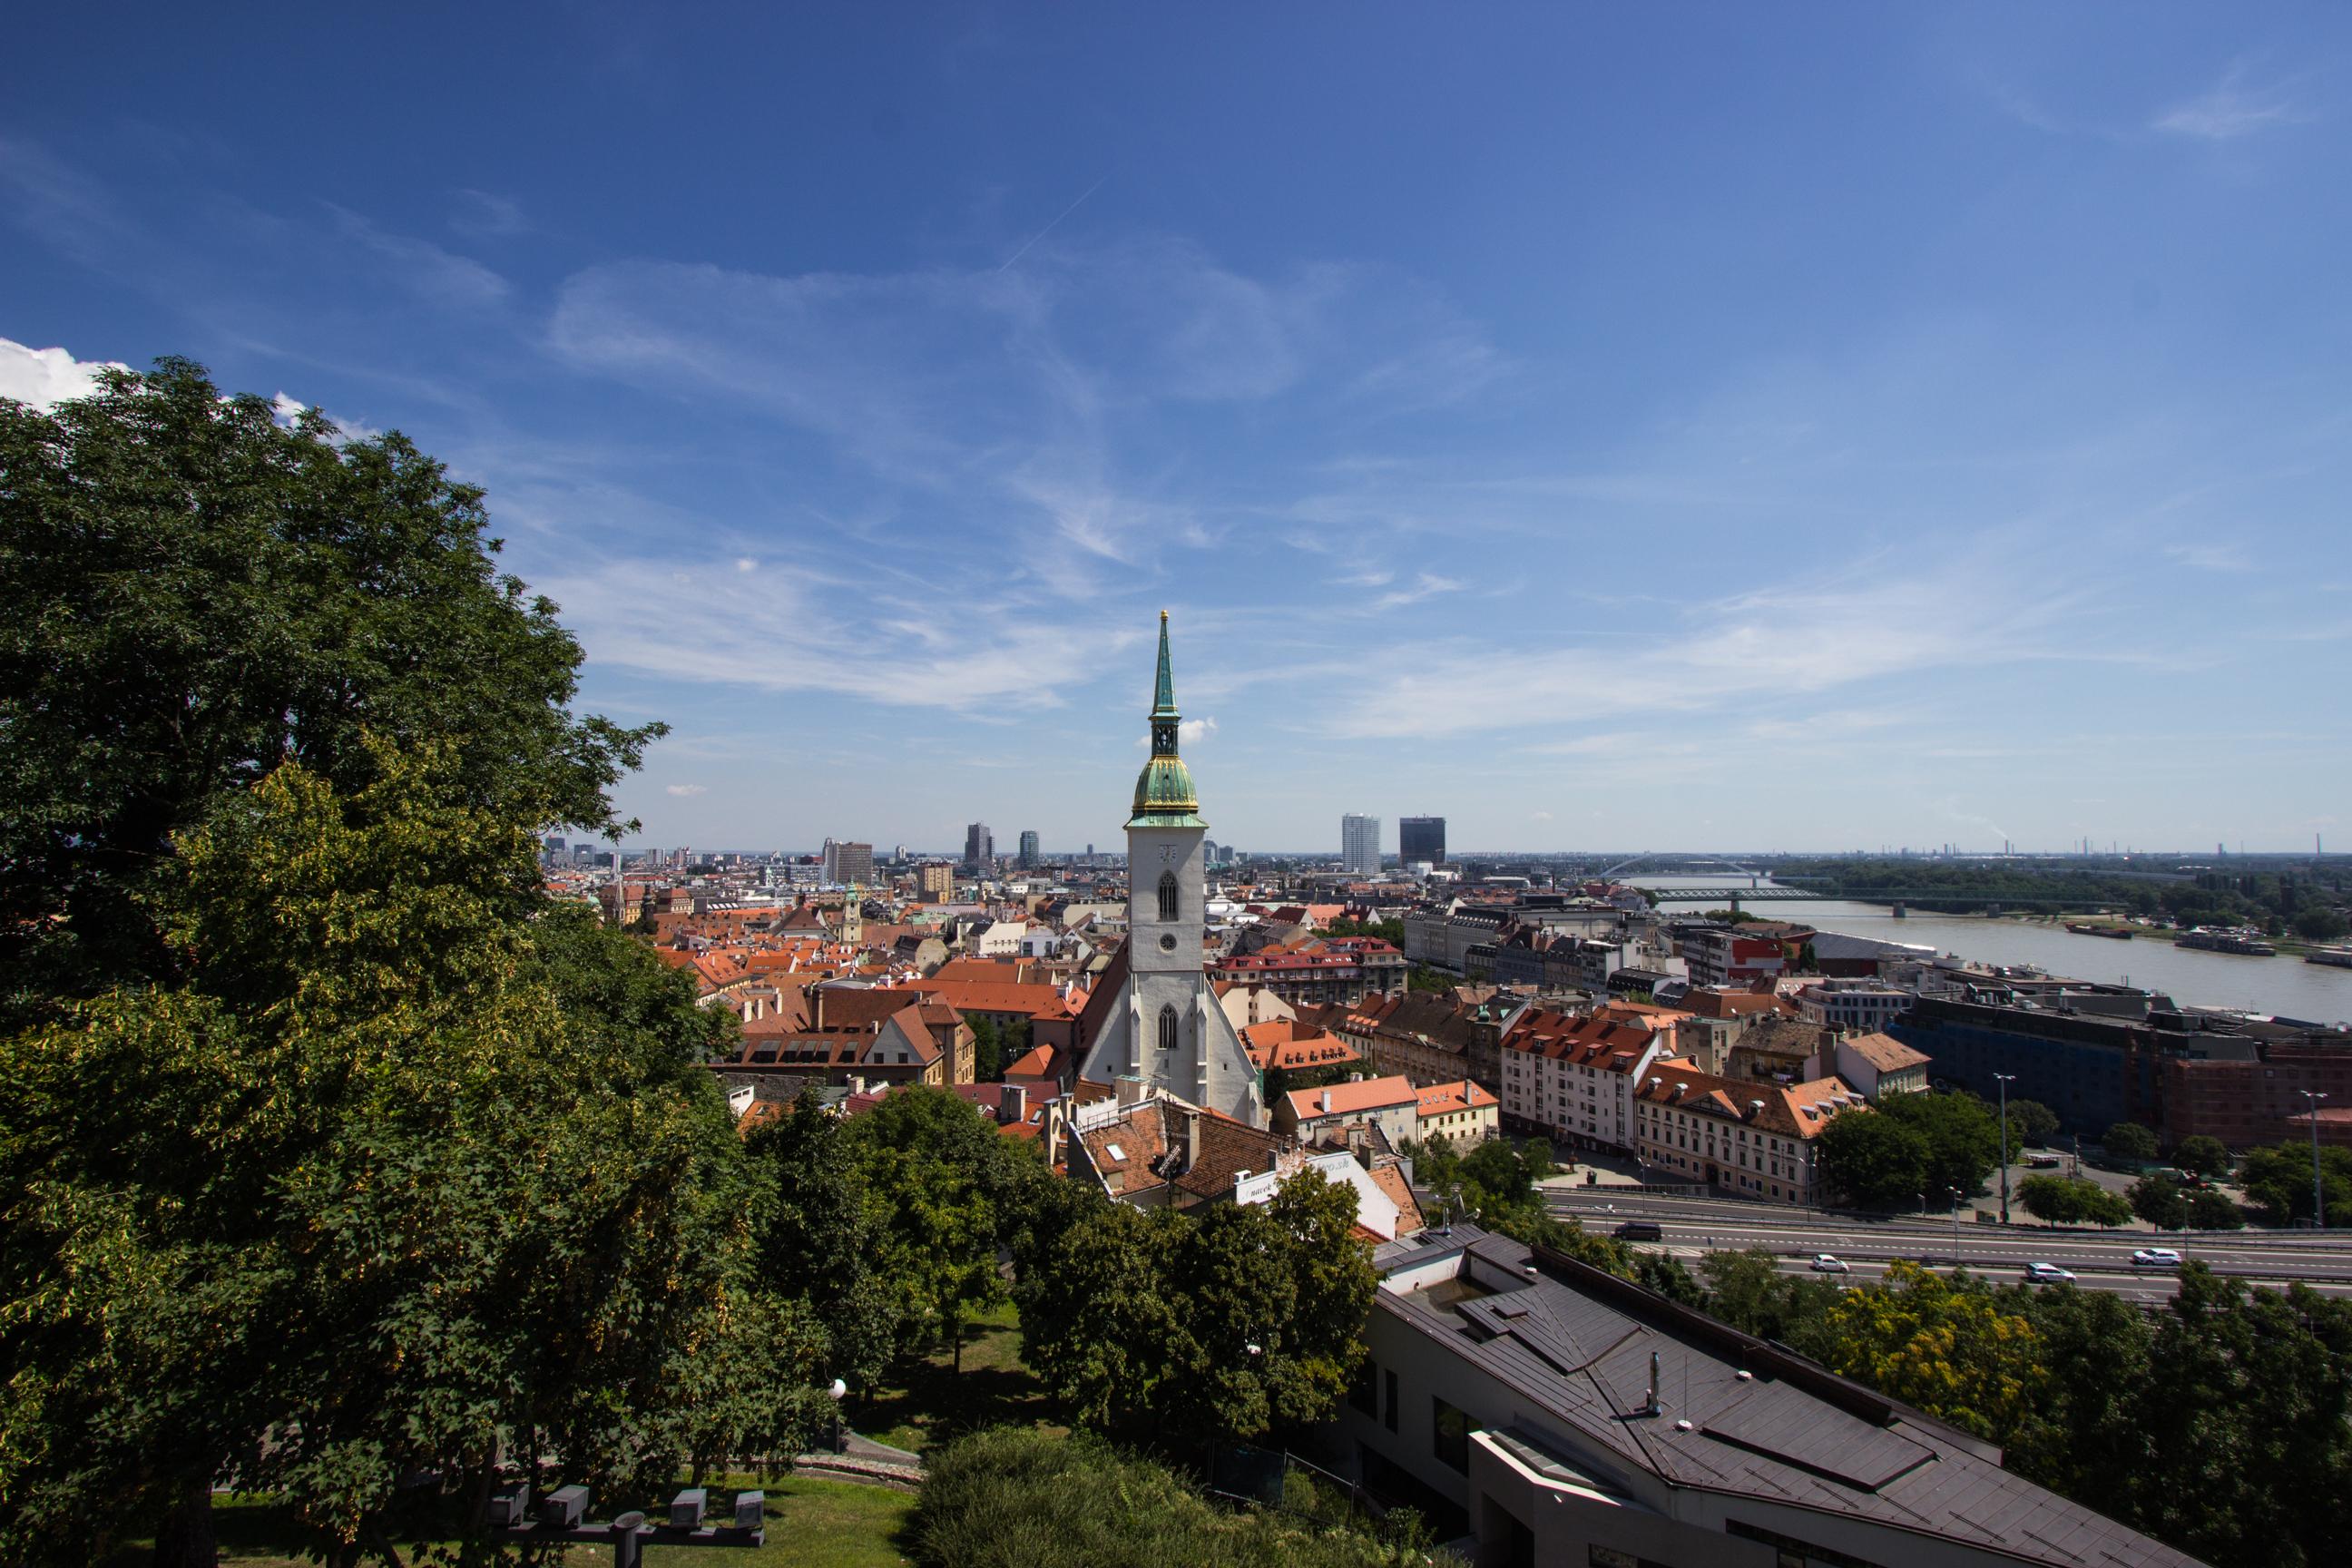 Katedra Św Marcina widziana z placu przy Zamku Bratysławskim